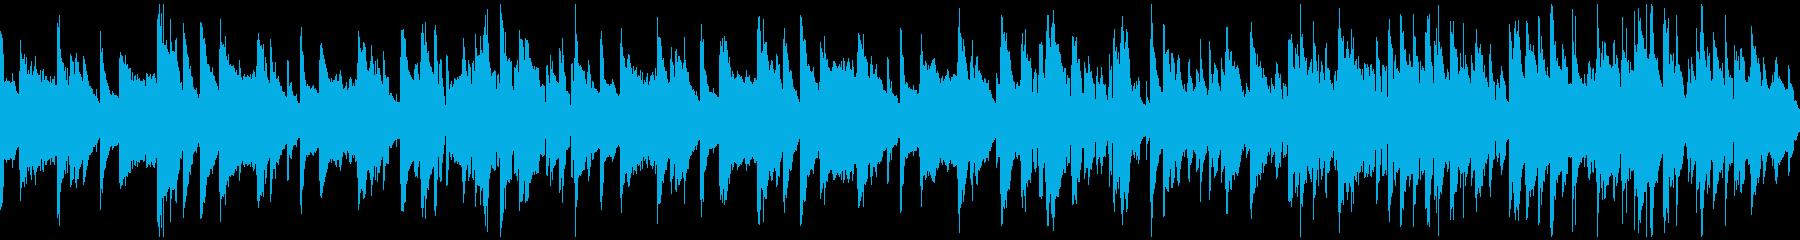 ハードボイルド、隠密スパイ系 ※ループ版の再生済みの波形